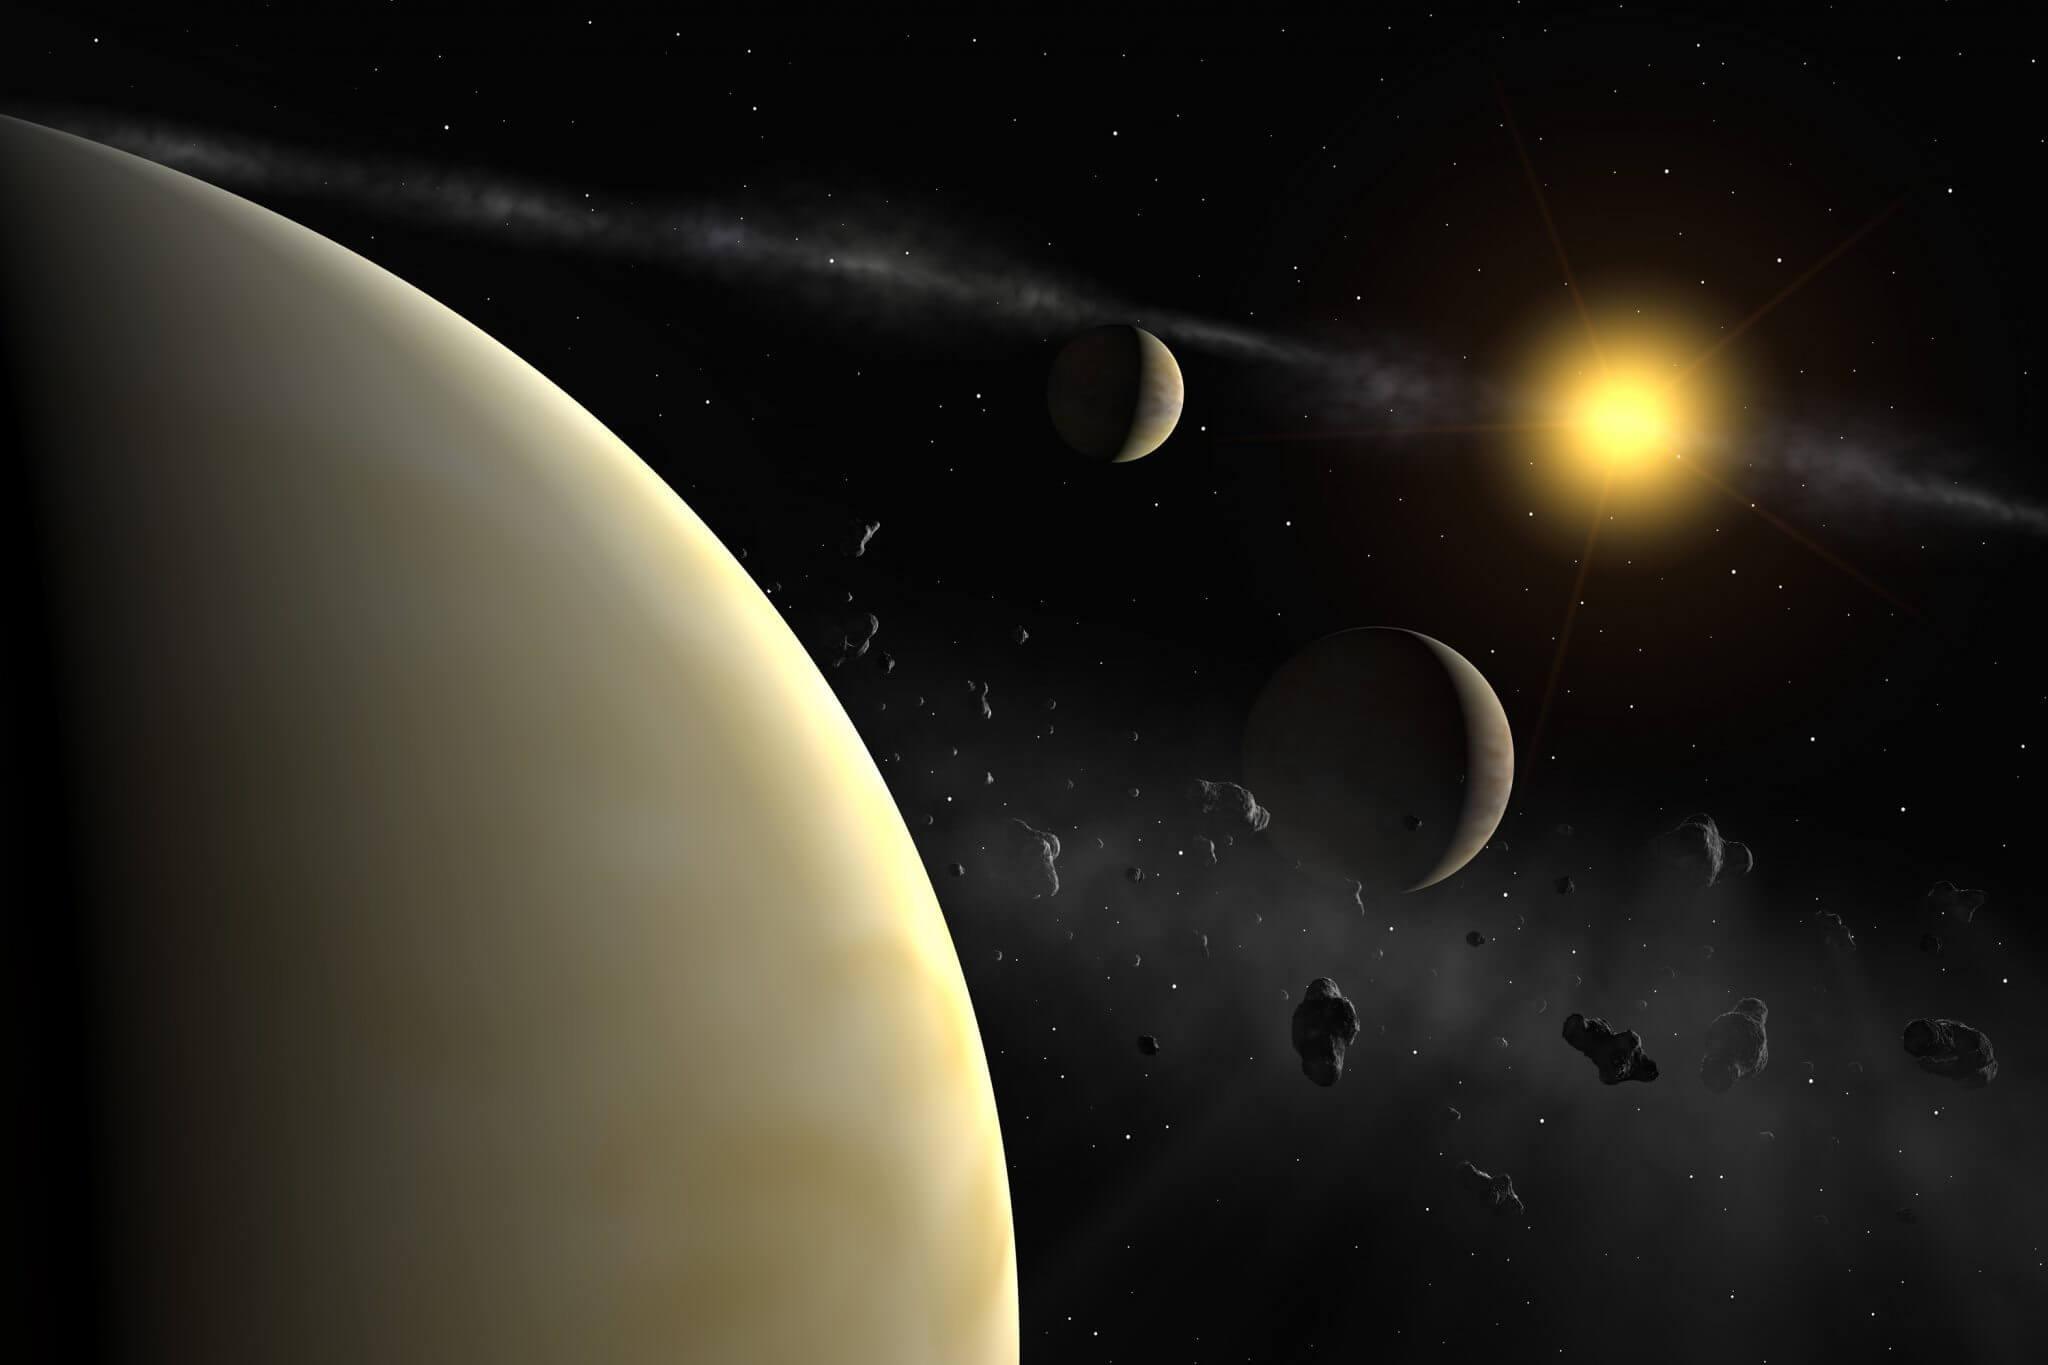 HD 131399Ab New Planet - HD 131399Ab: Astrônomos descobrem planeta com 3 sóis